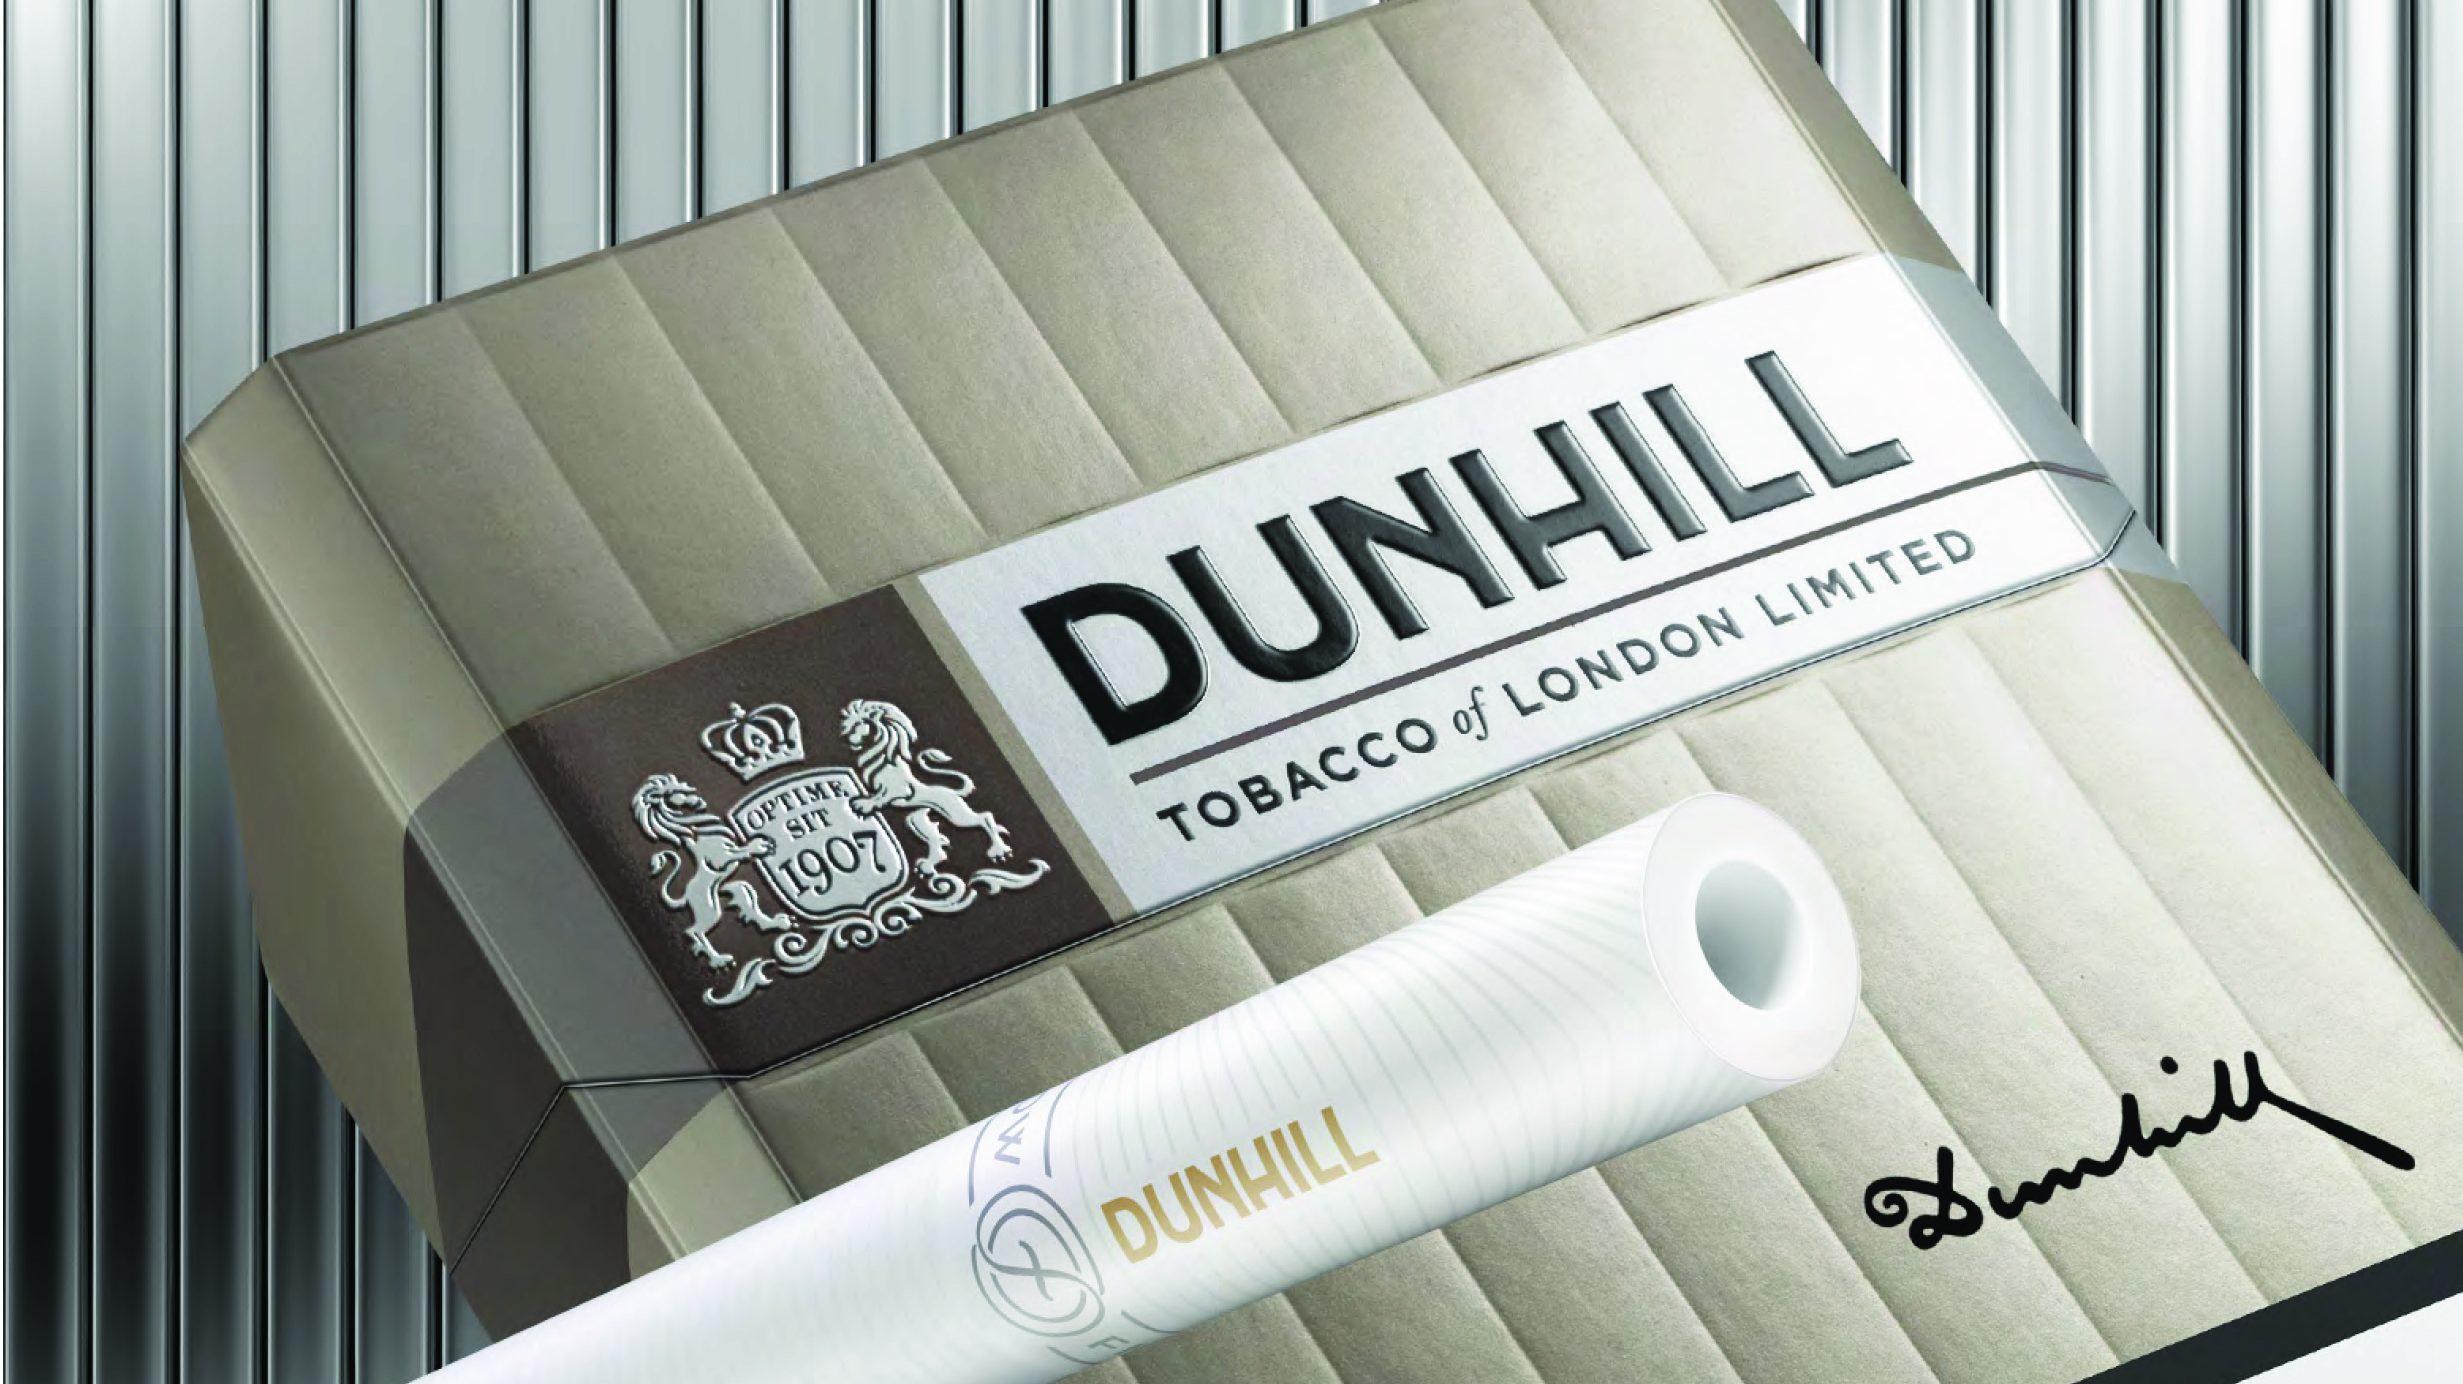 Dunhill Cigarettes 01